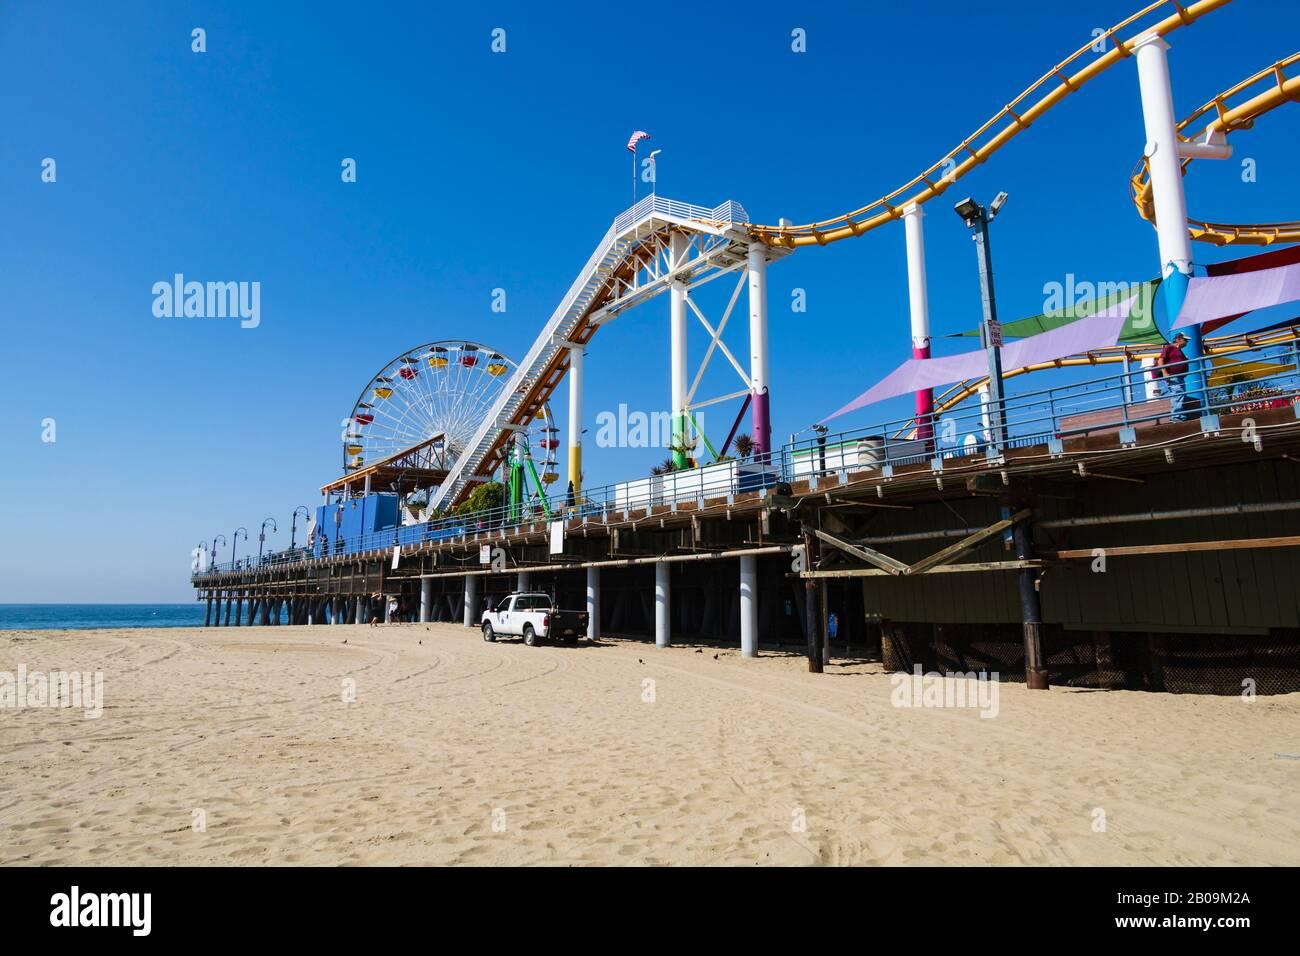 Grandes roues et montagnes russes sur la jetée de Santa Monica, Los Angeles, Californie, États-Unis d'Amérique Banque D'Images